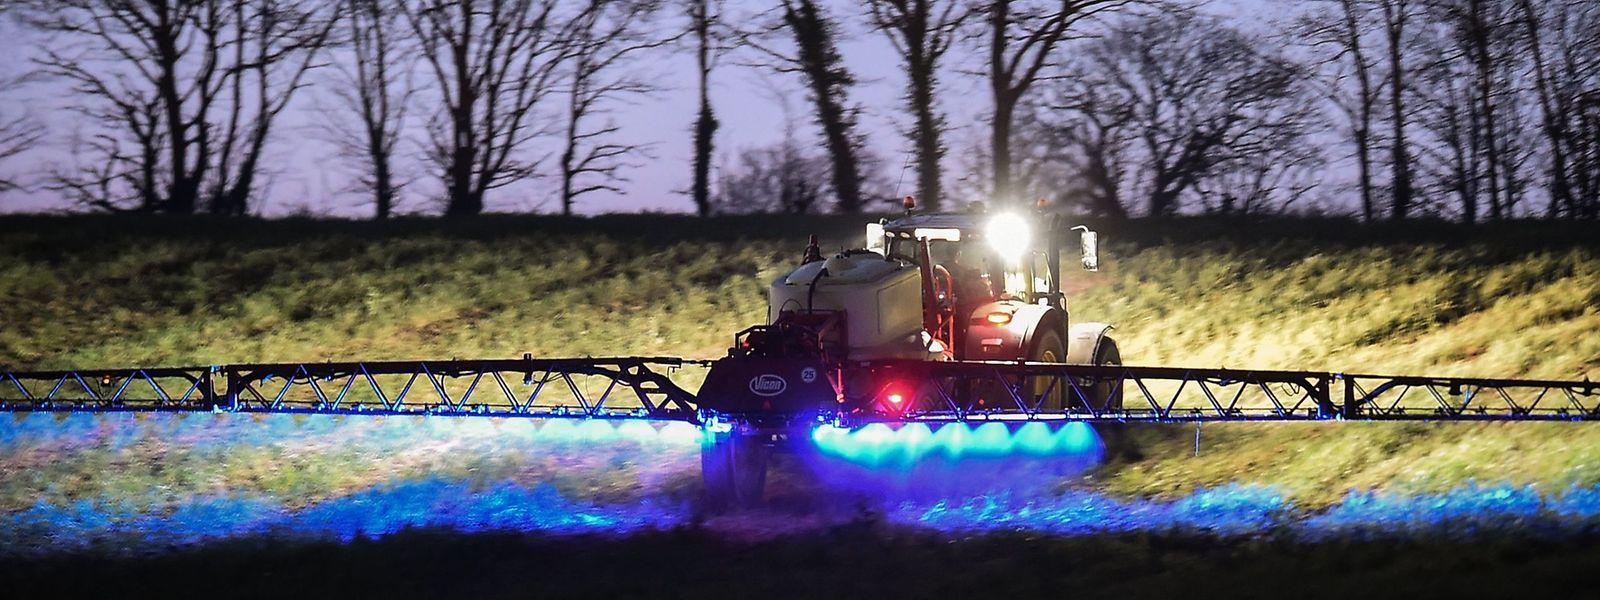 Ein Landwirt verteilt das Herbizid Glyphosat des Herstellers Monsanto auf einem Feld in Frankreich.